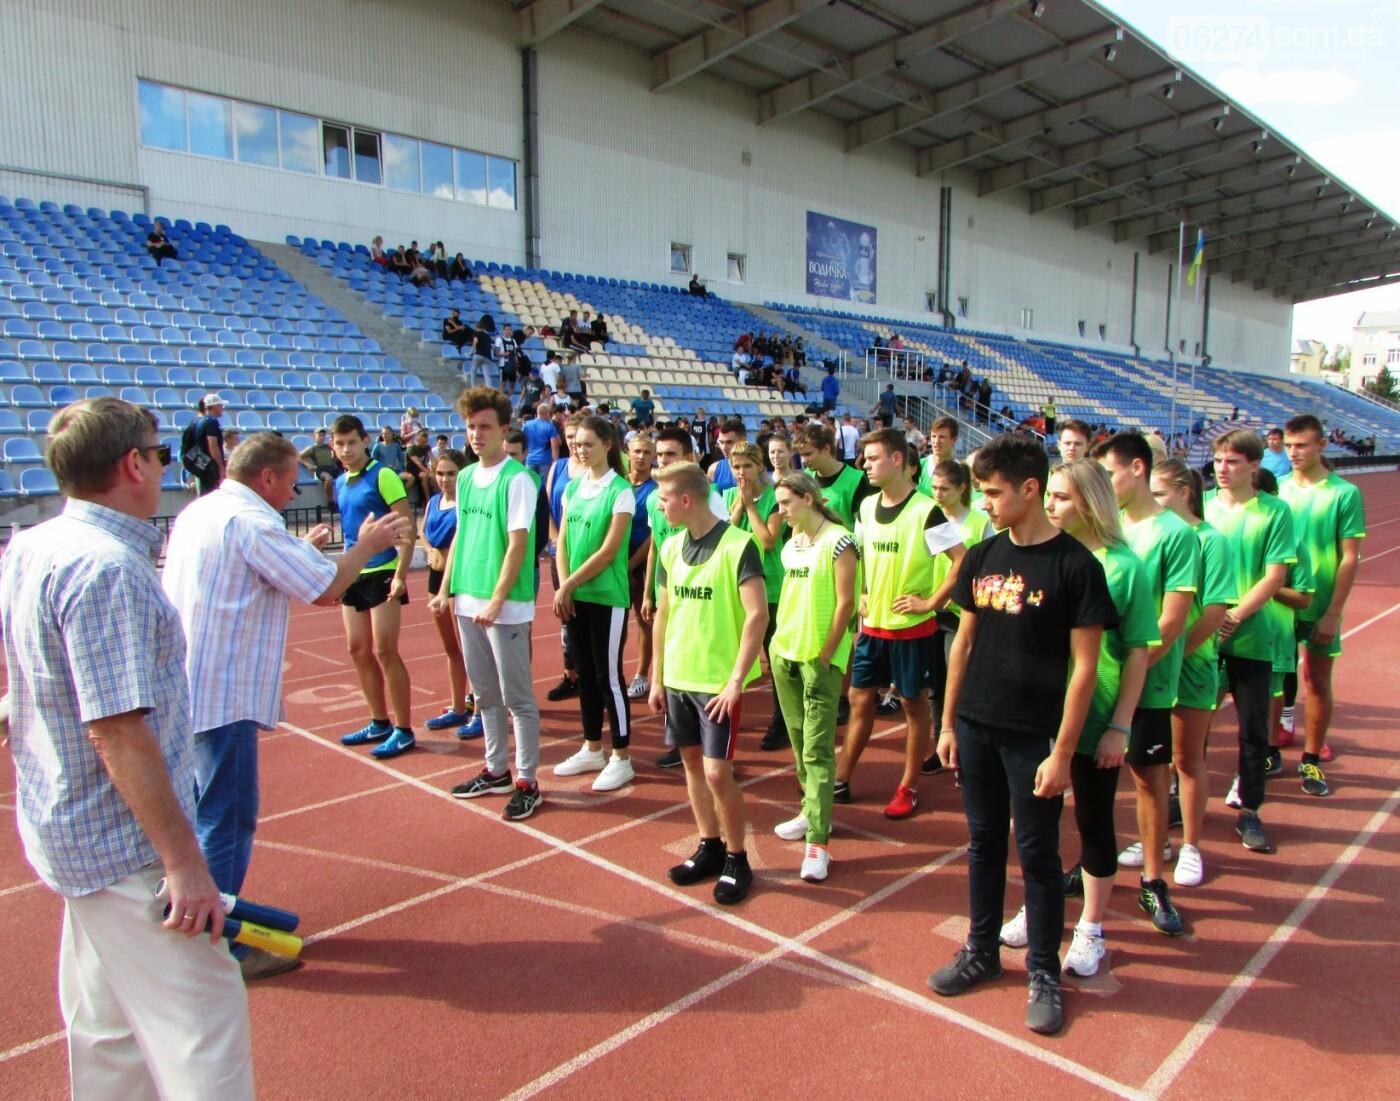 160 Бахмутских учащихся и студентов посвятили свои спортивные достижения Дню физической культуры и спорта, фото-8